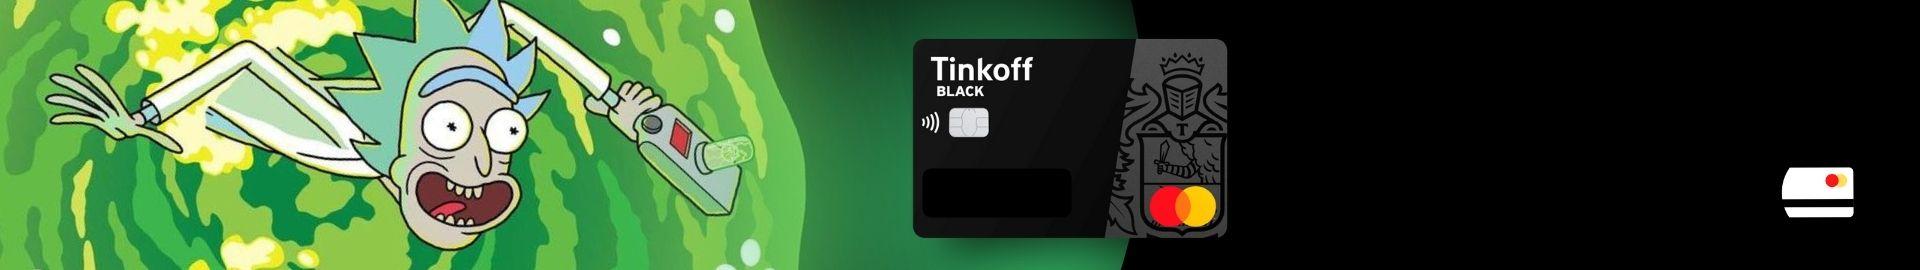 Тинькофф условия бесплатной карты с дизайном РИКа и МОРТИ